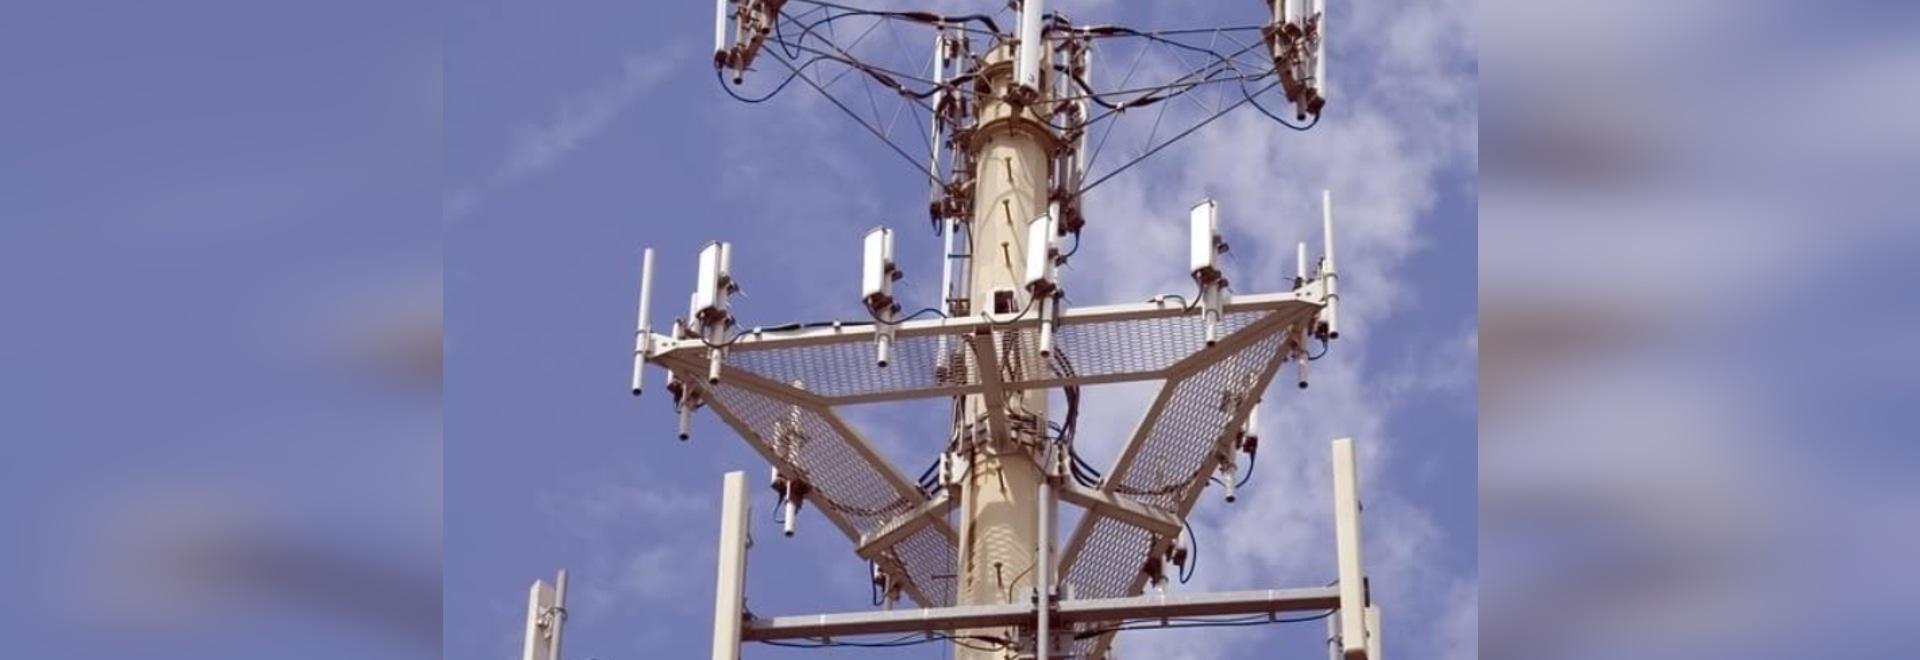 Liefert Unterstützung an die Telekommunikations-Industrie mit Einschließungen